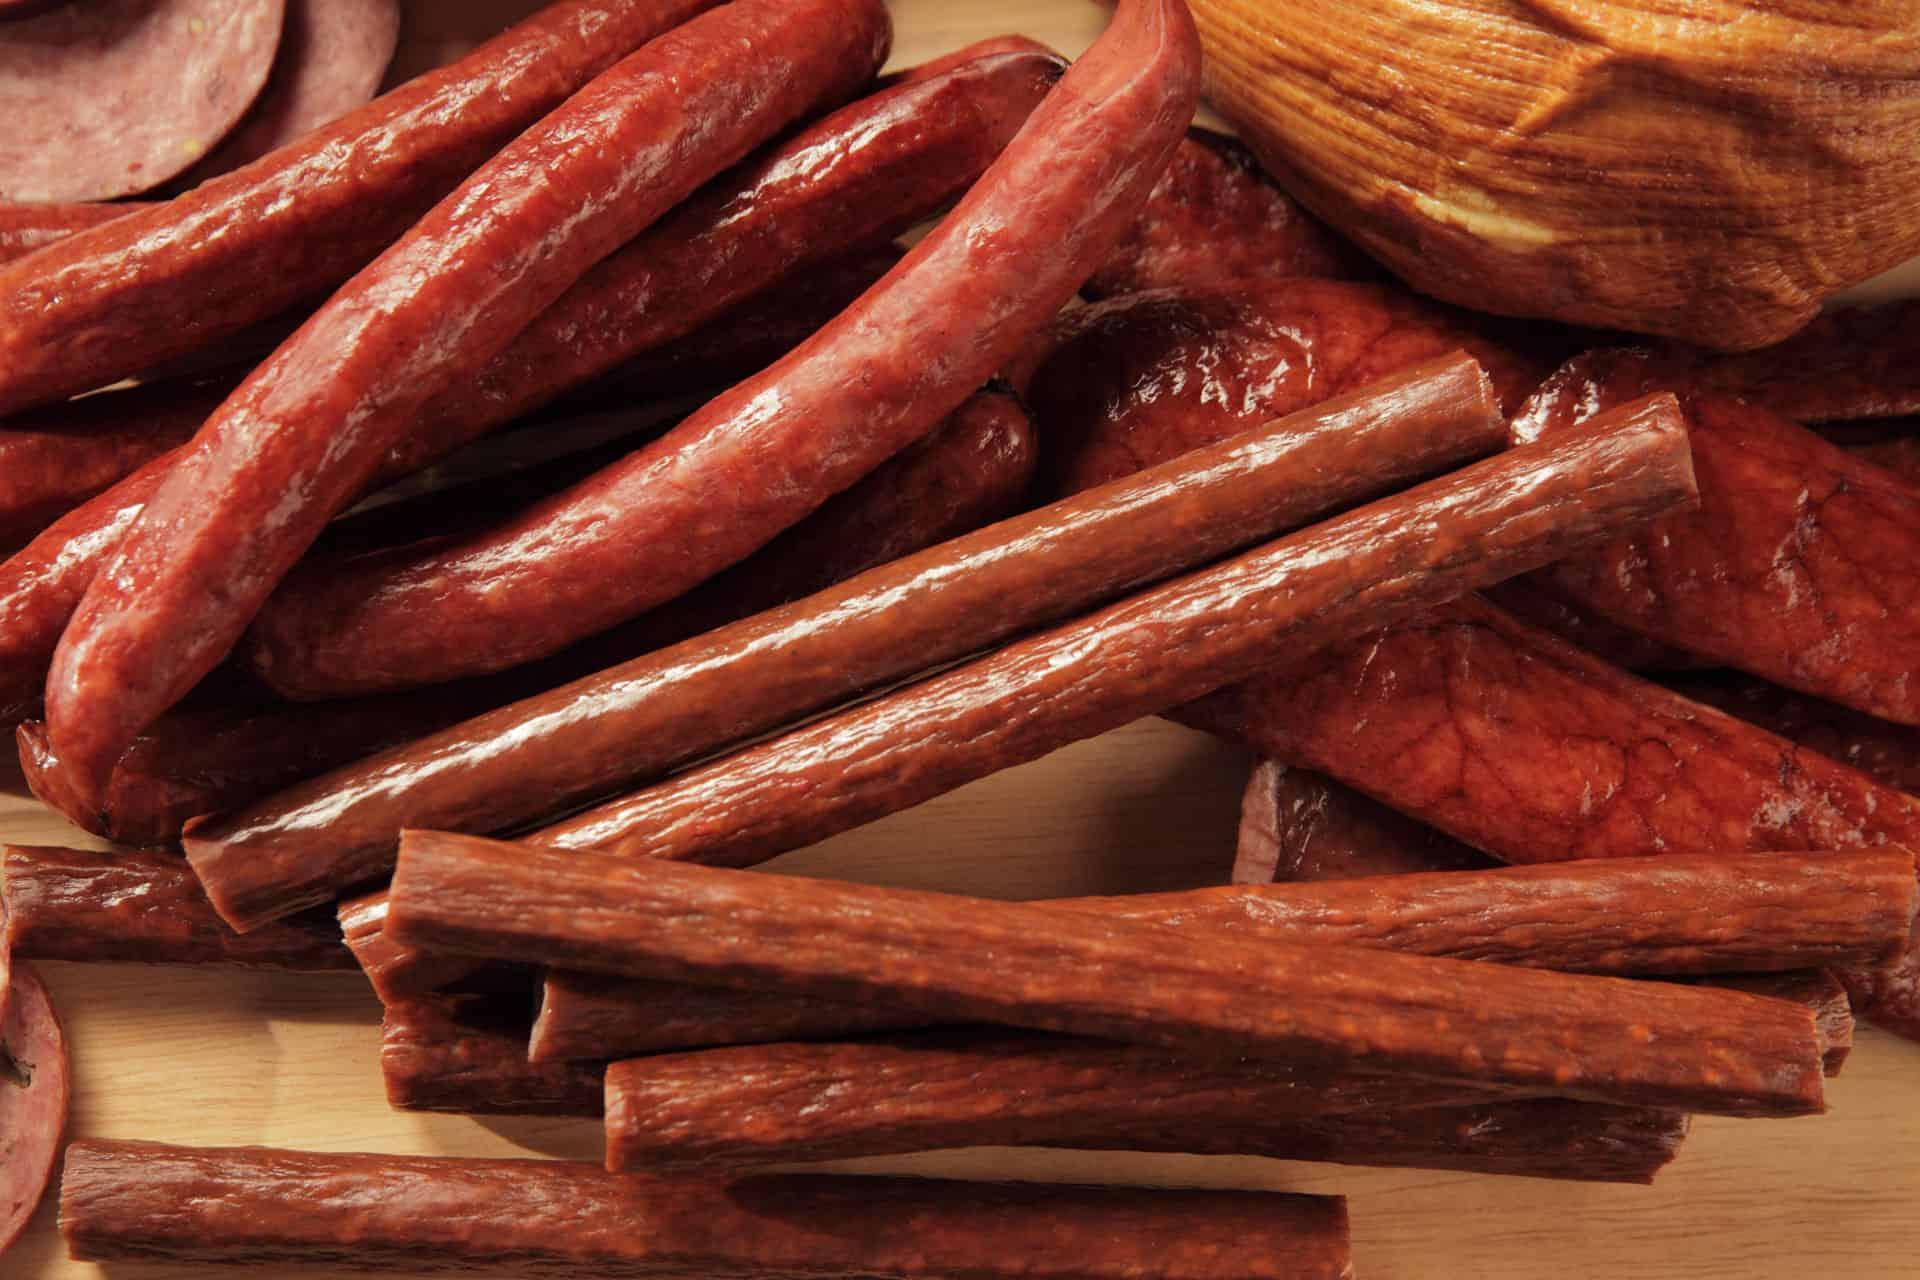 Snack Sticks and Jerky